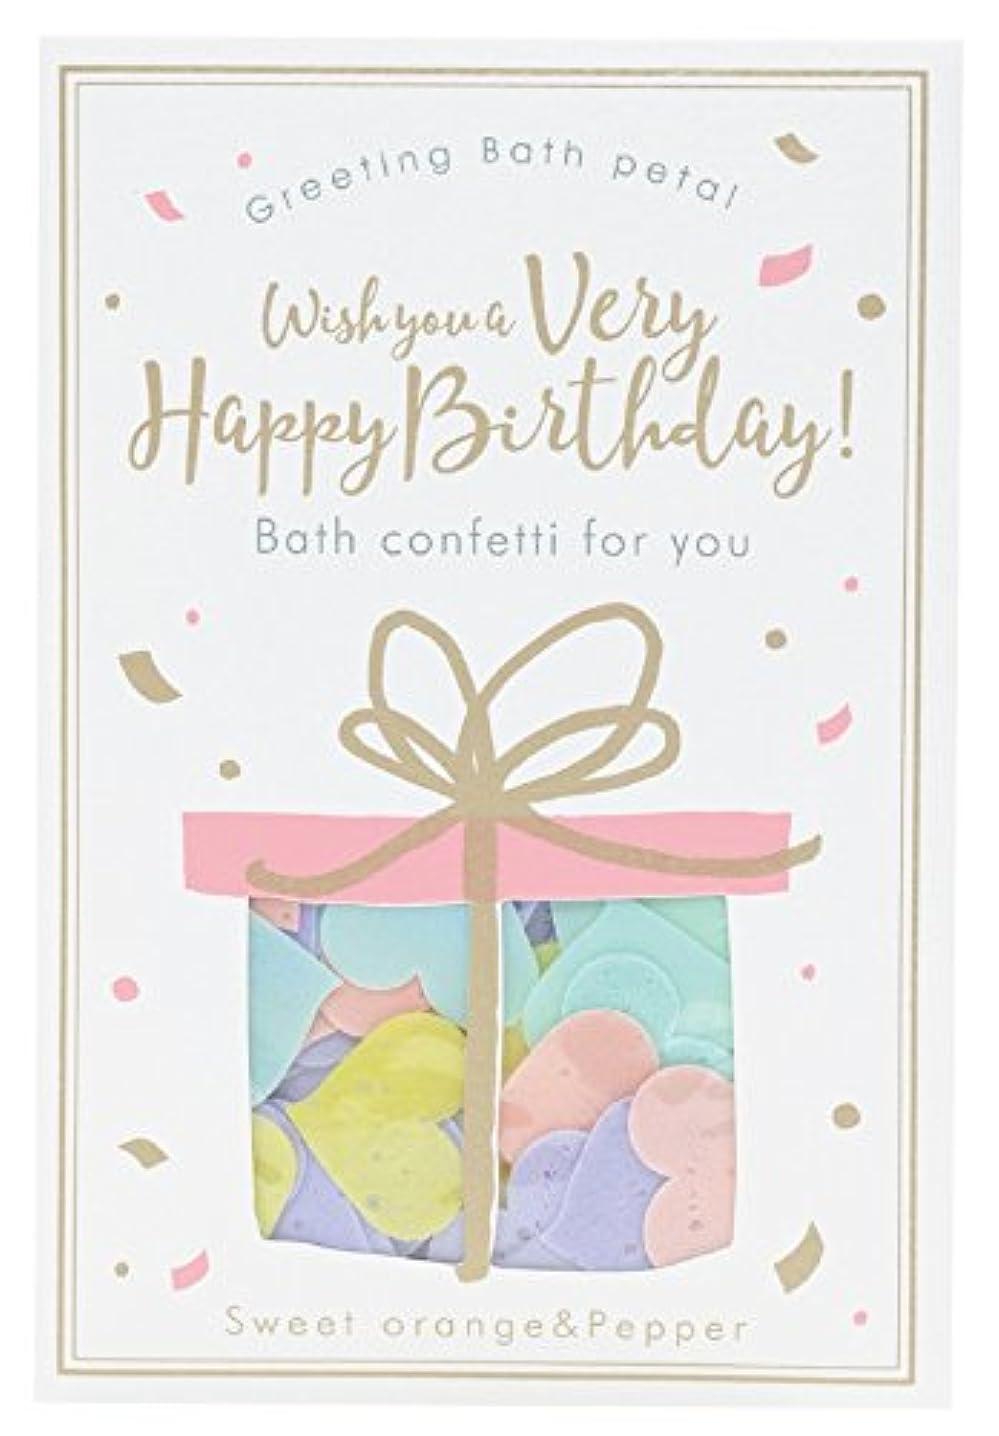 報復する規範年金ノルコーポレーション 入浴剤 バスペタル グリーティングバスペタル Wish you a very Happy Birthday 12g スウィートオレンジ & ペッパーの香り OB-GTP-1-4